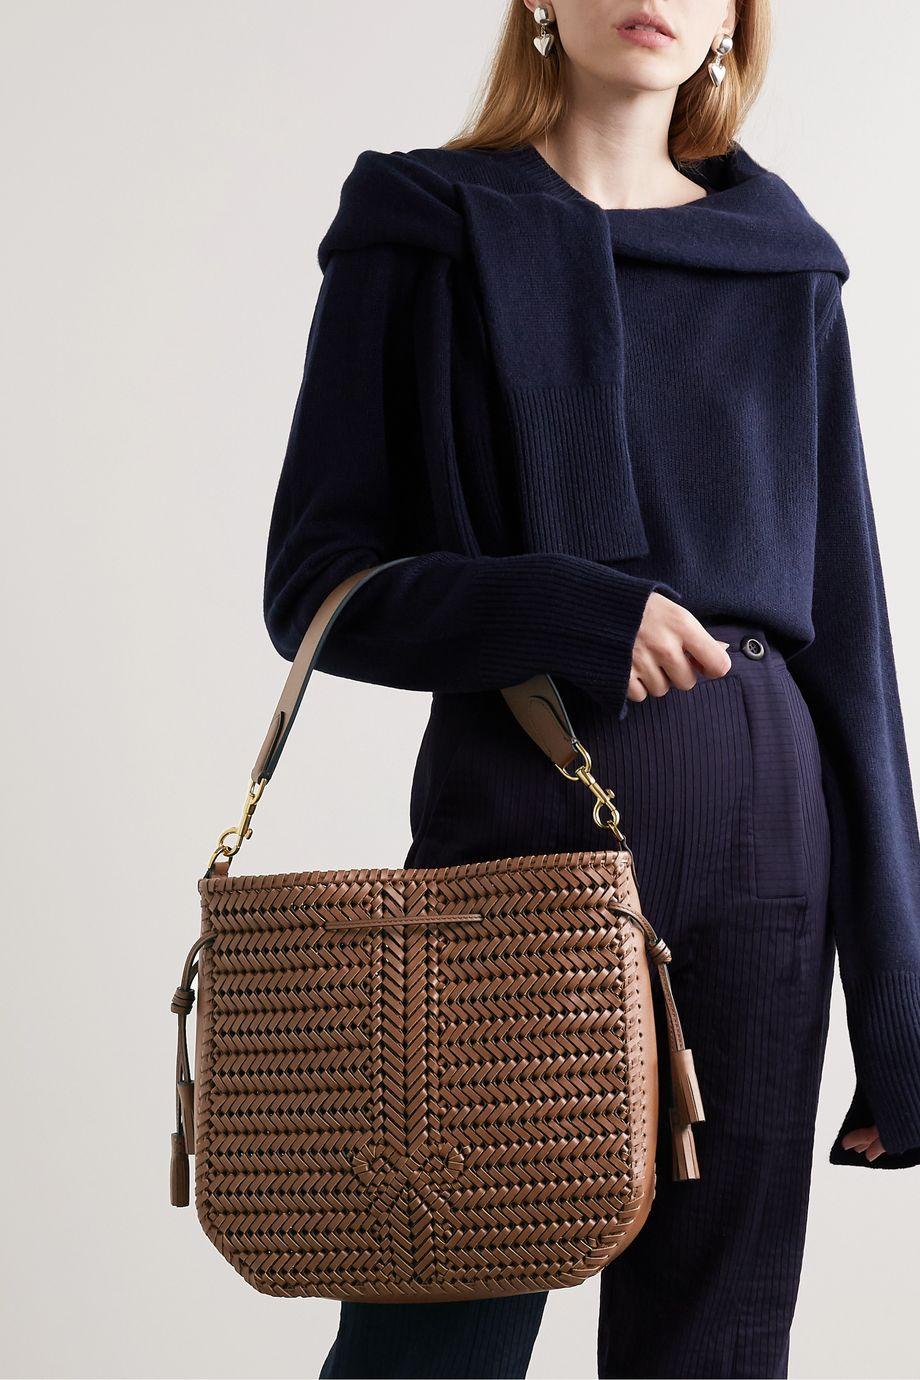 Anya Hindmarch Neeson Hobo woven leather shoulder bag